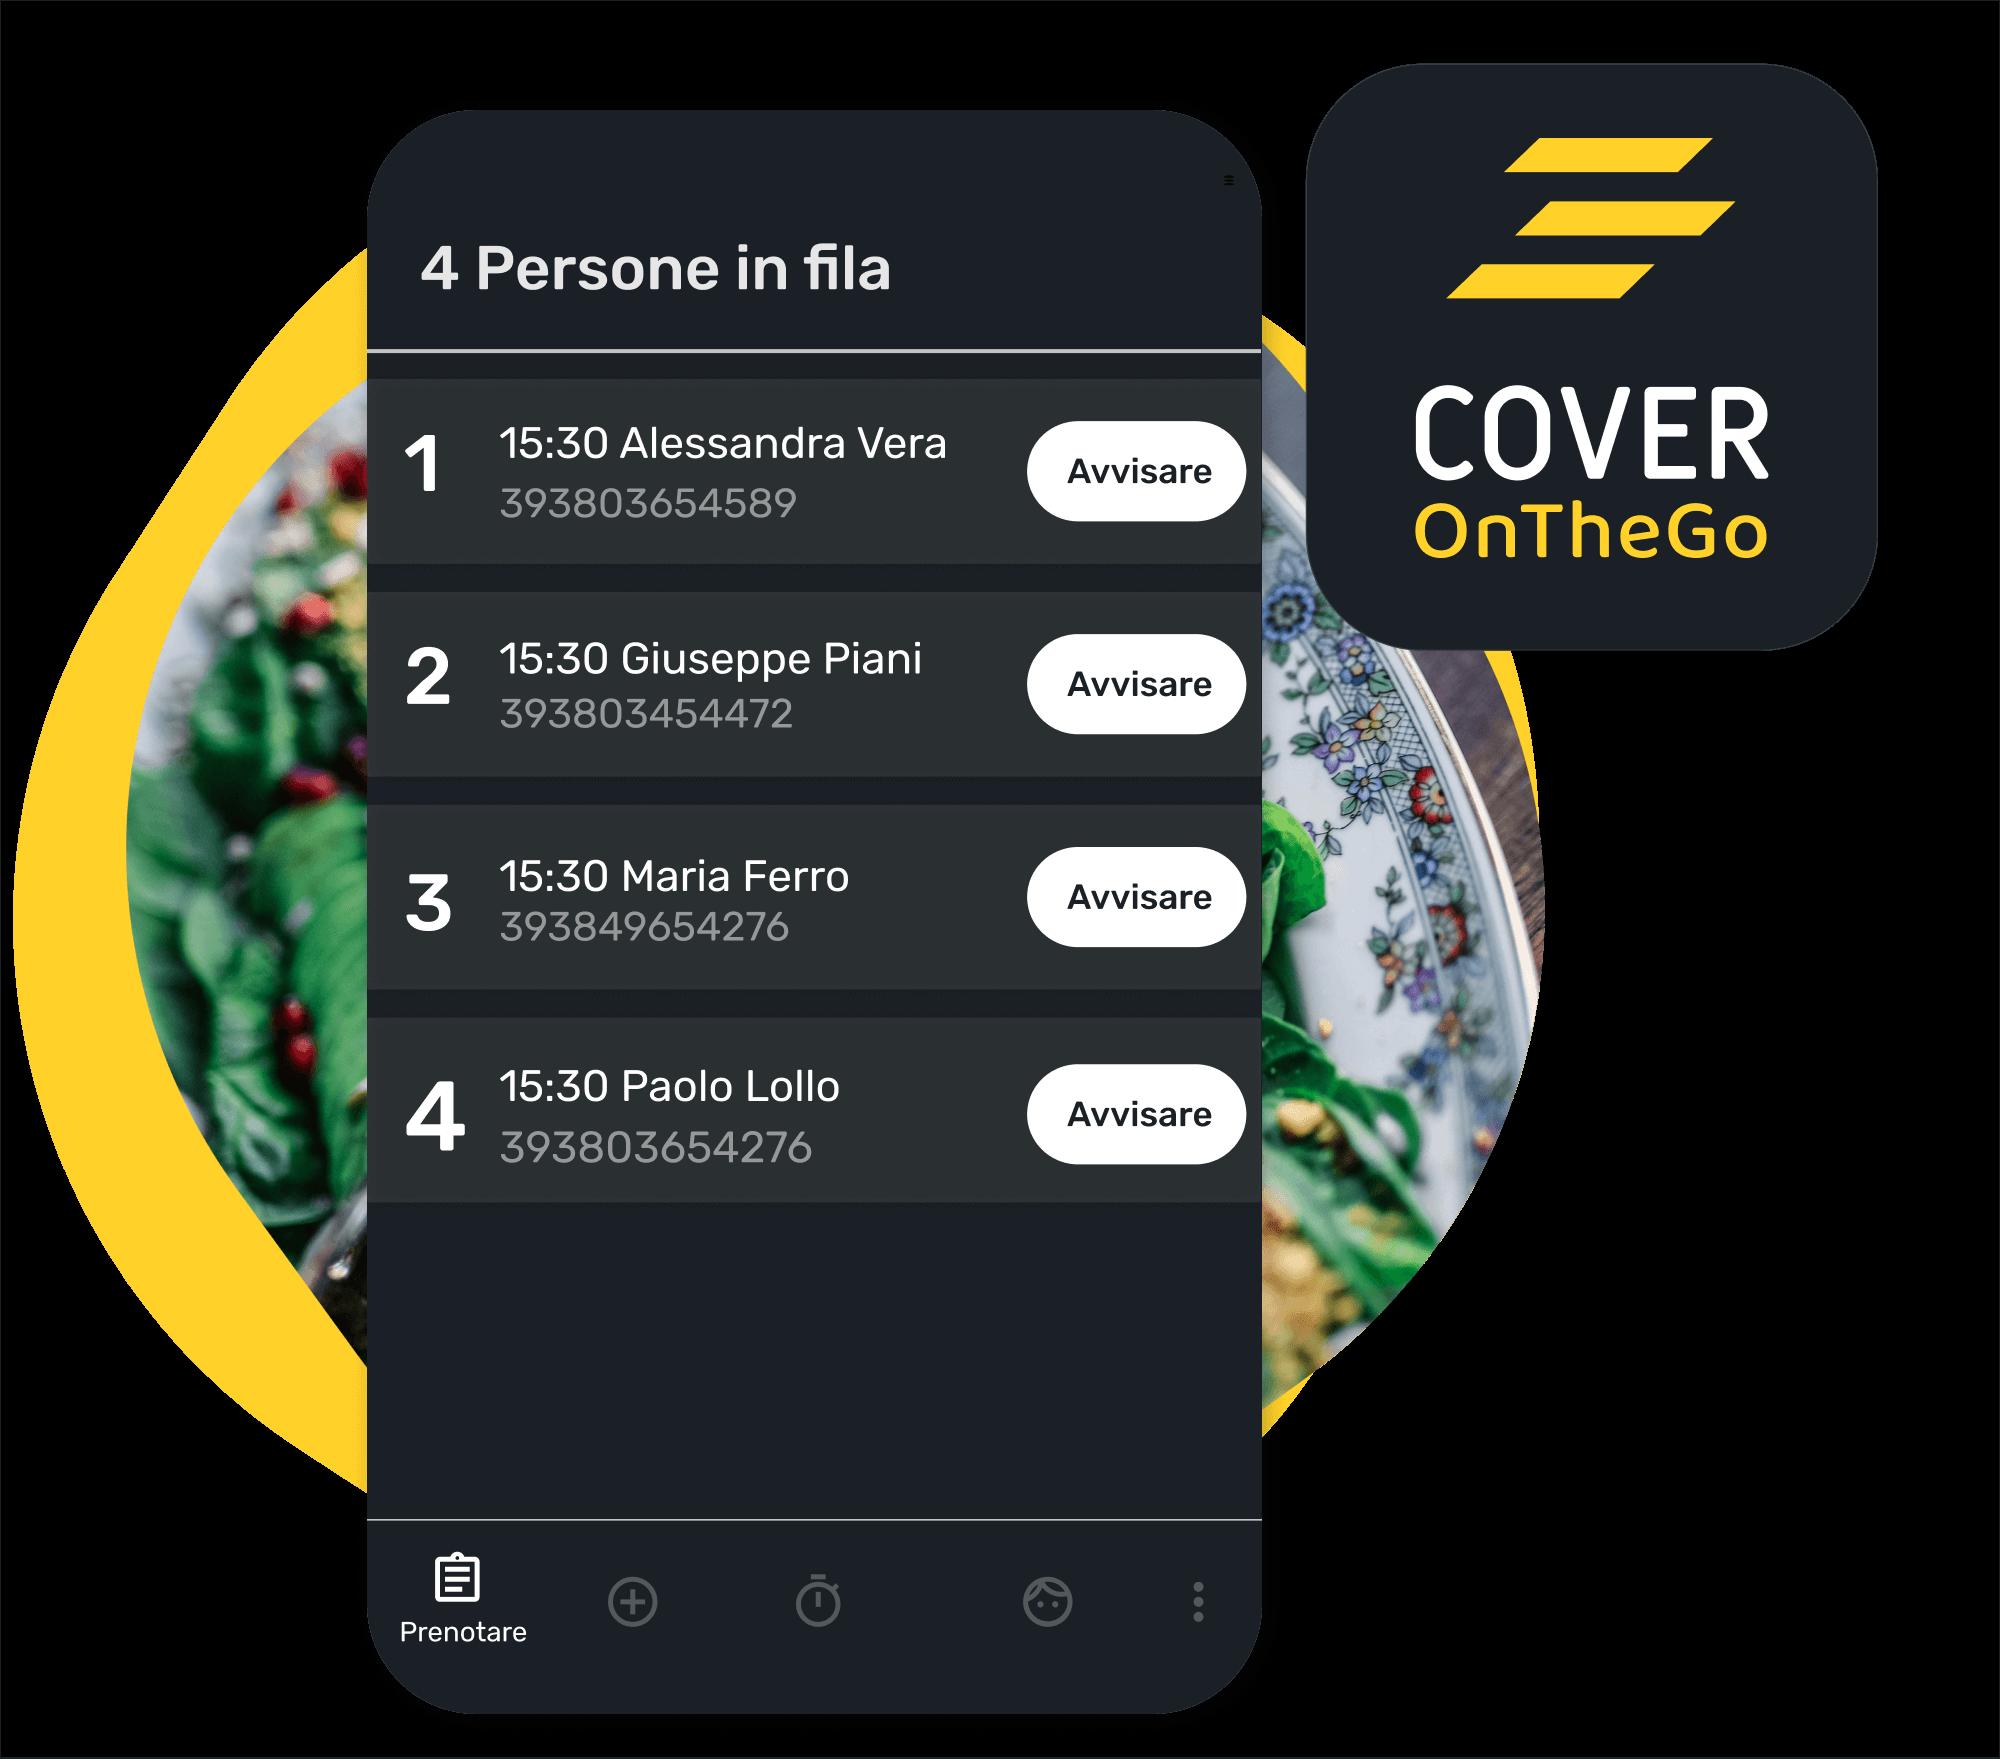 Ejemplo del sistema de gestión de cola en el sistema de CoverOnTheGo, donde podemos ver una lista de espera con datos de contacto de los clientes y la opción de avisar a cada uno de ellos sobre la disponibilidad.